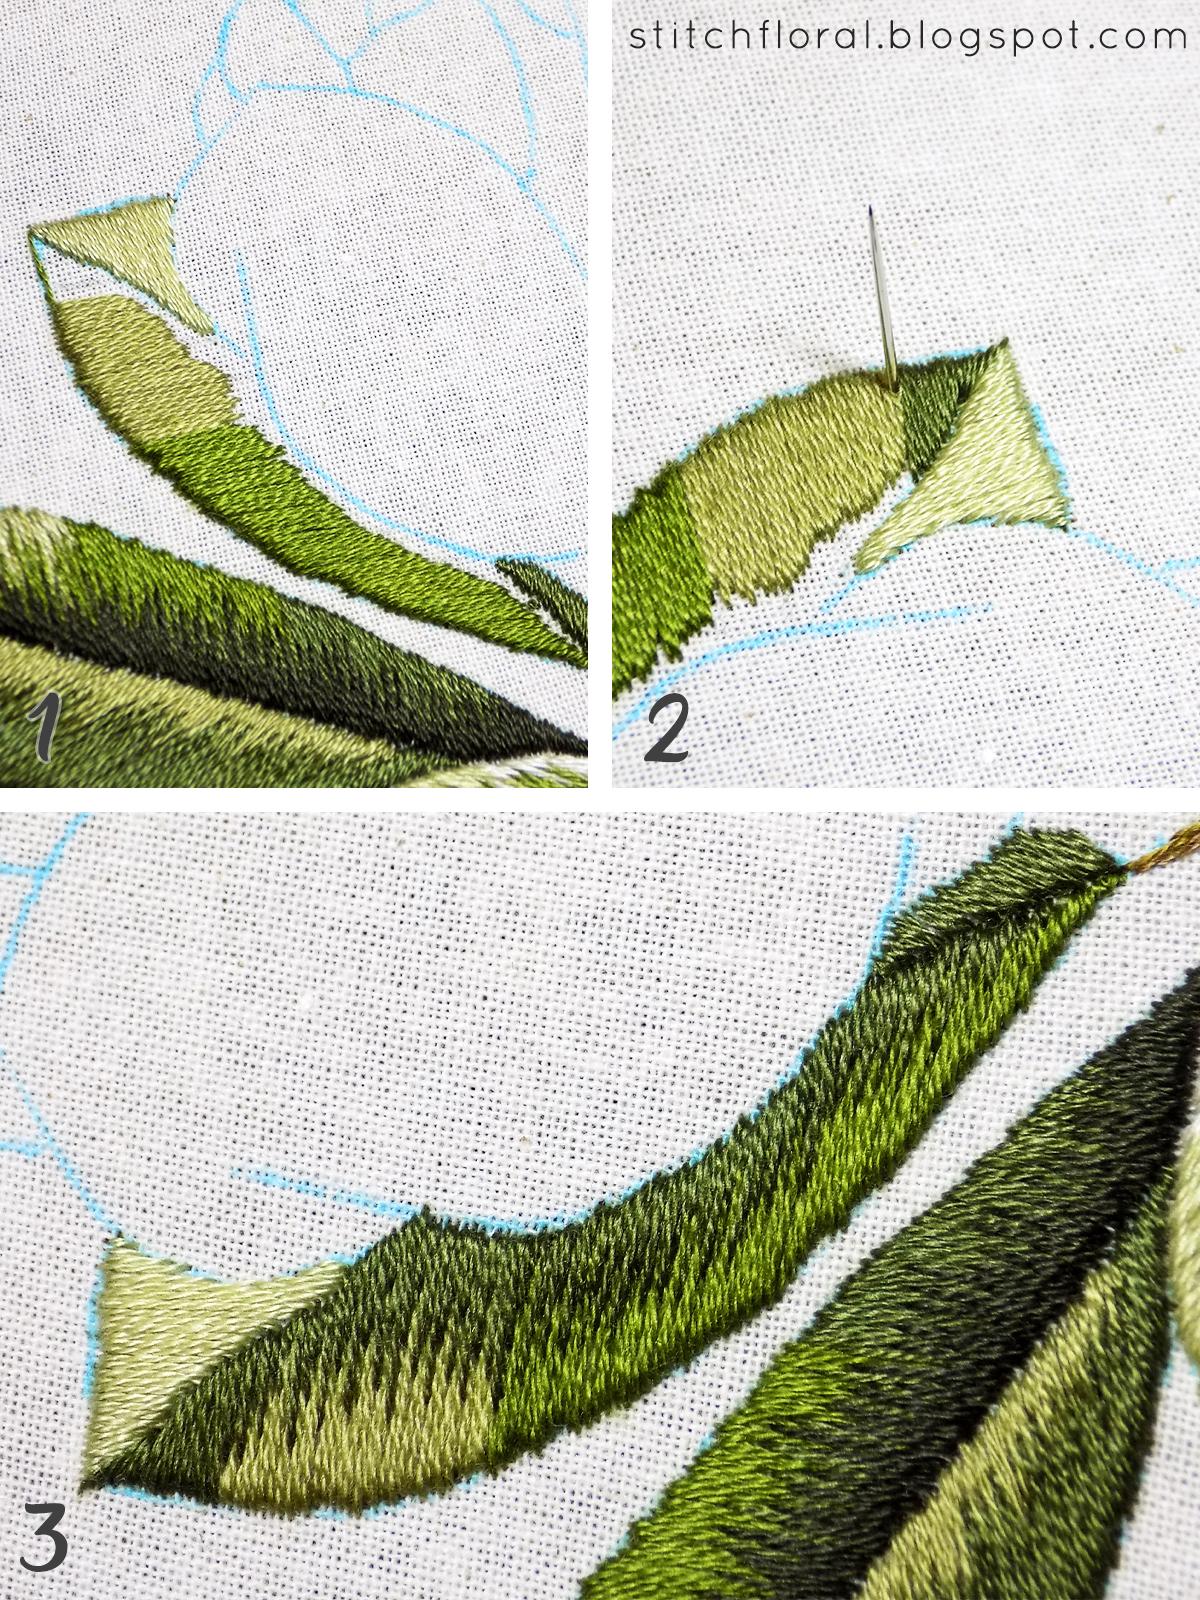 Magnolia Stitch Along Part 3